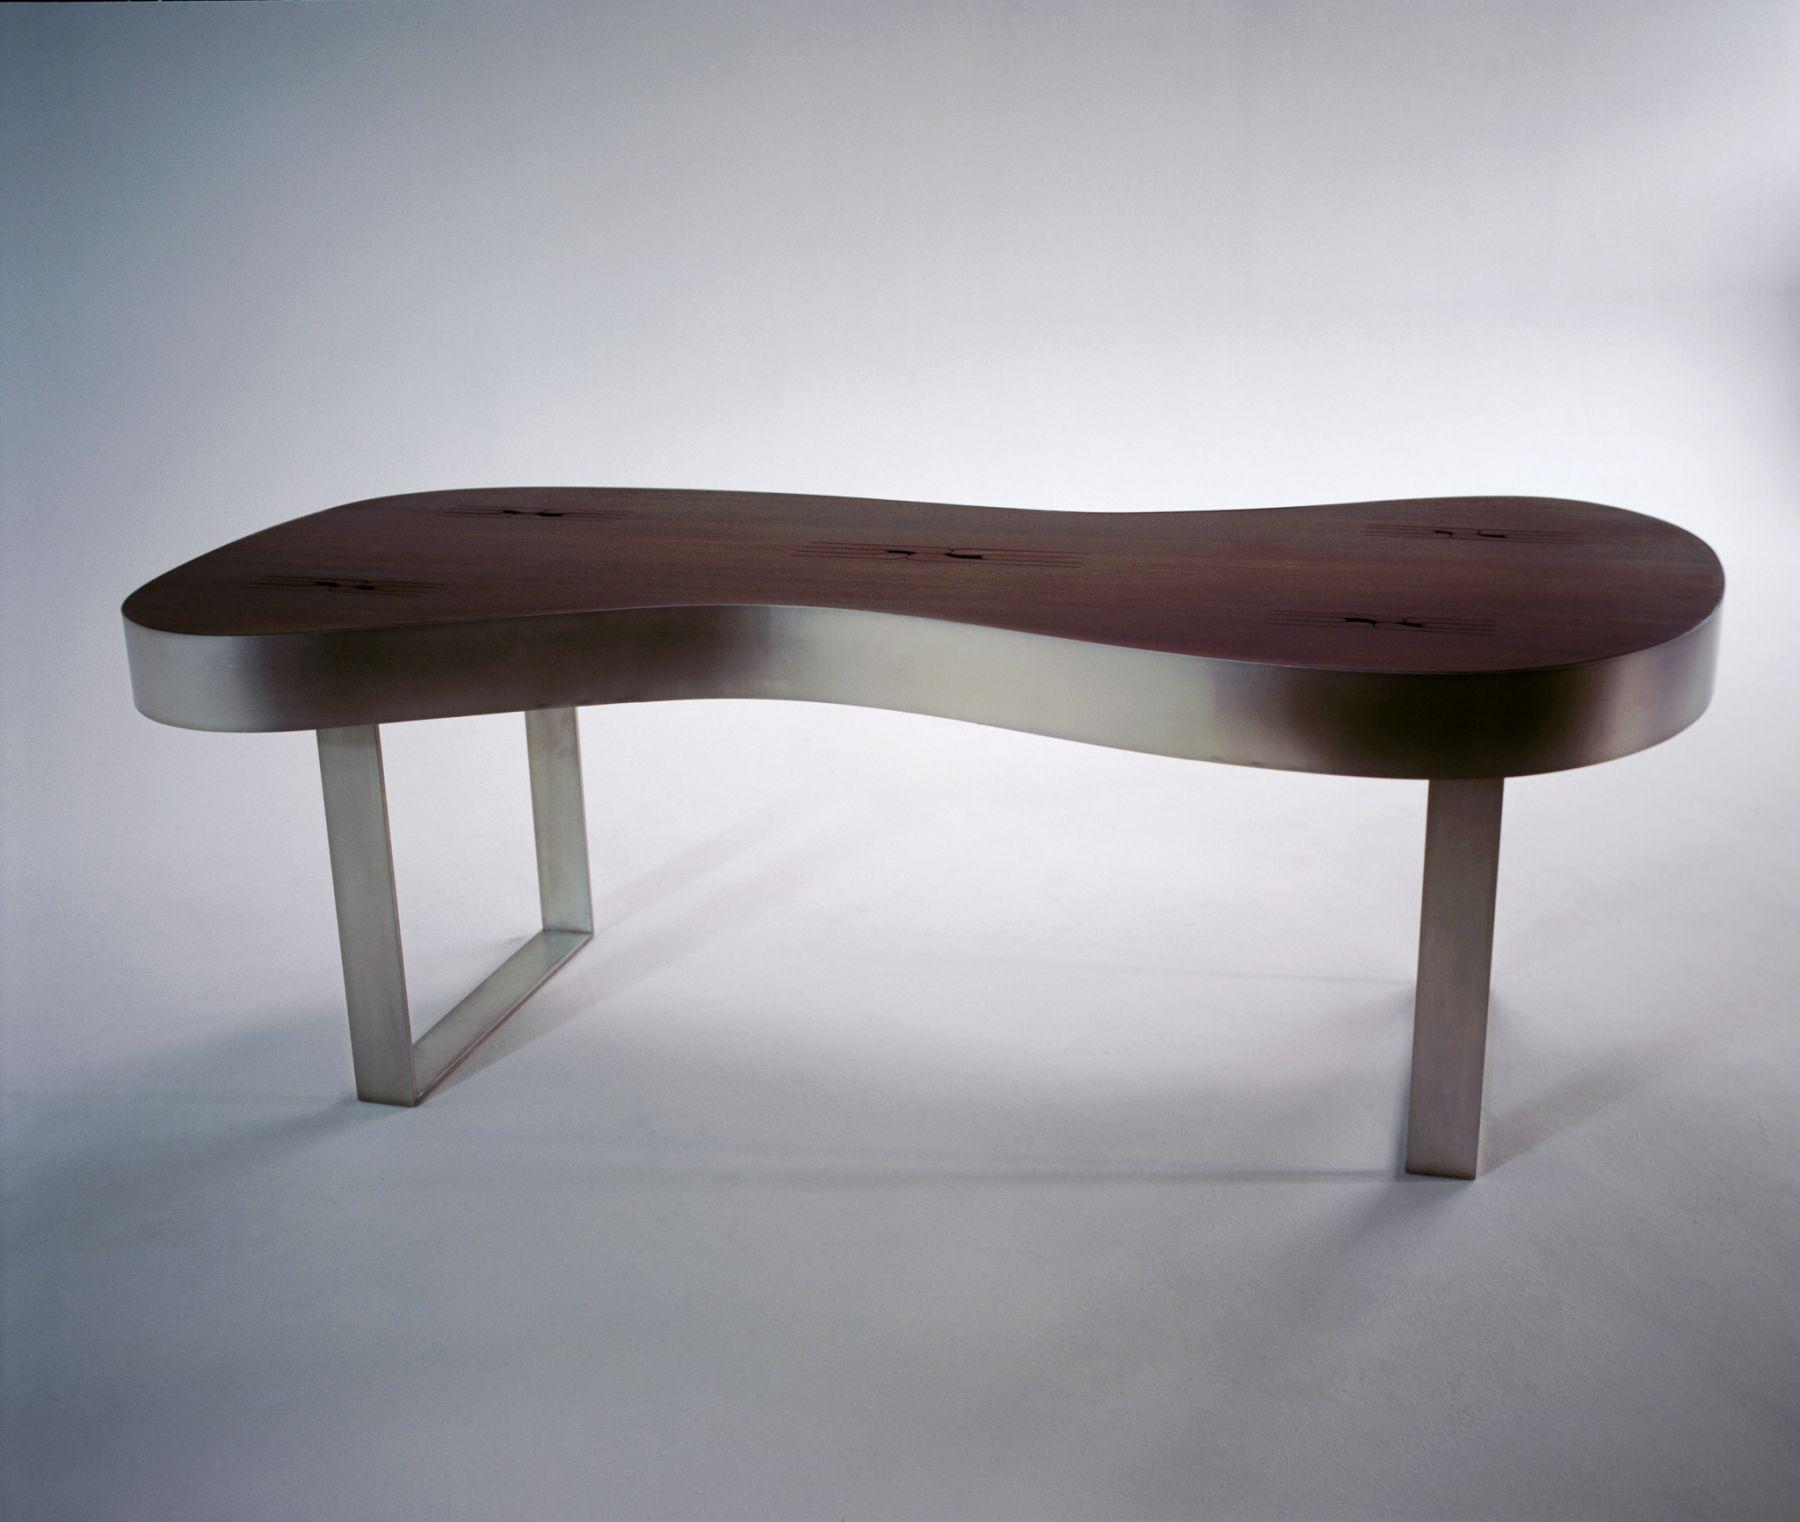 Doug Aitken, K-N-O-C-K-O-U-T (sonic table), 2005